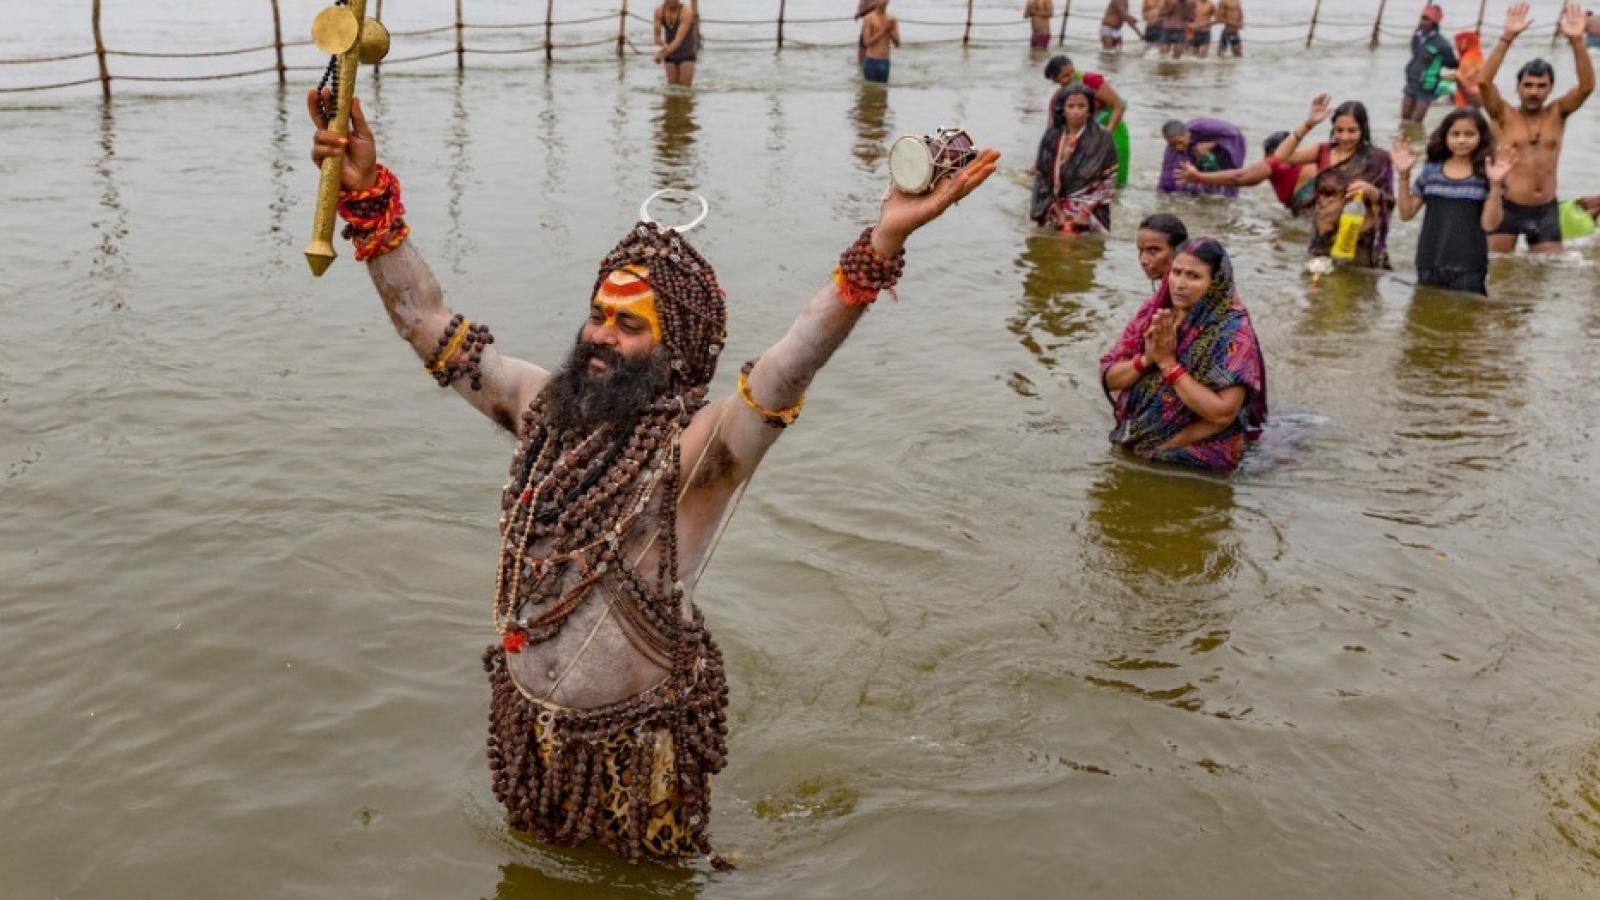 Bất chấp dịch bệnh Covid-19, hàng triệu tín đồ Ấn Độ giáo vẫn tham gia Lễ hội Tắm Phật